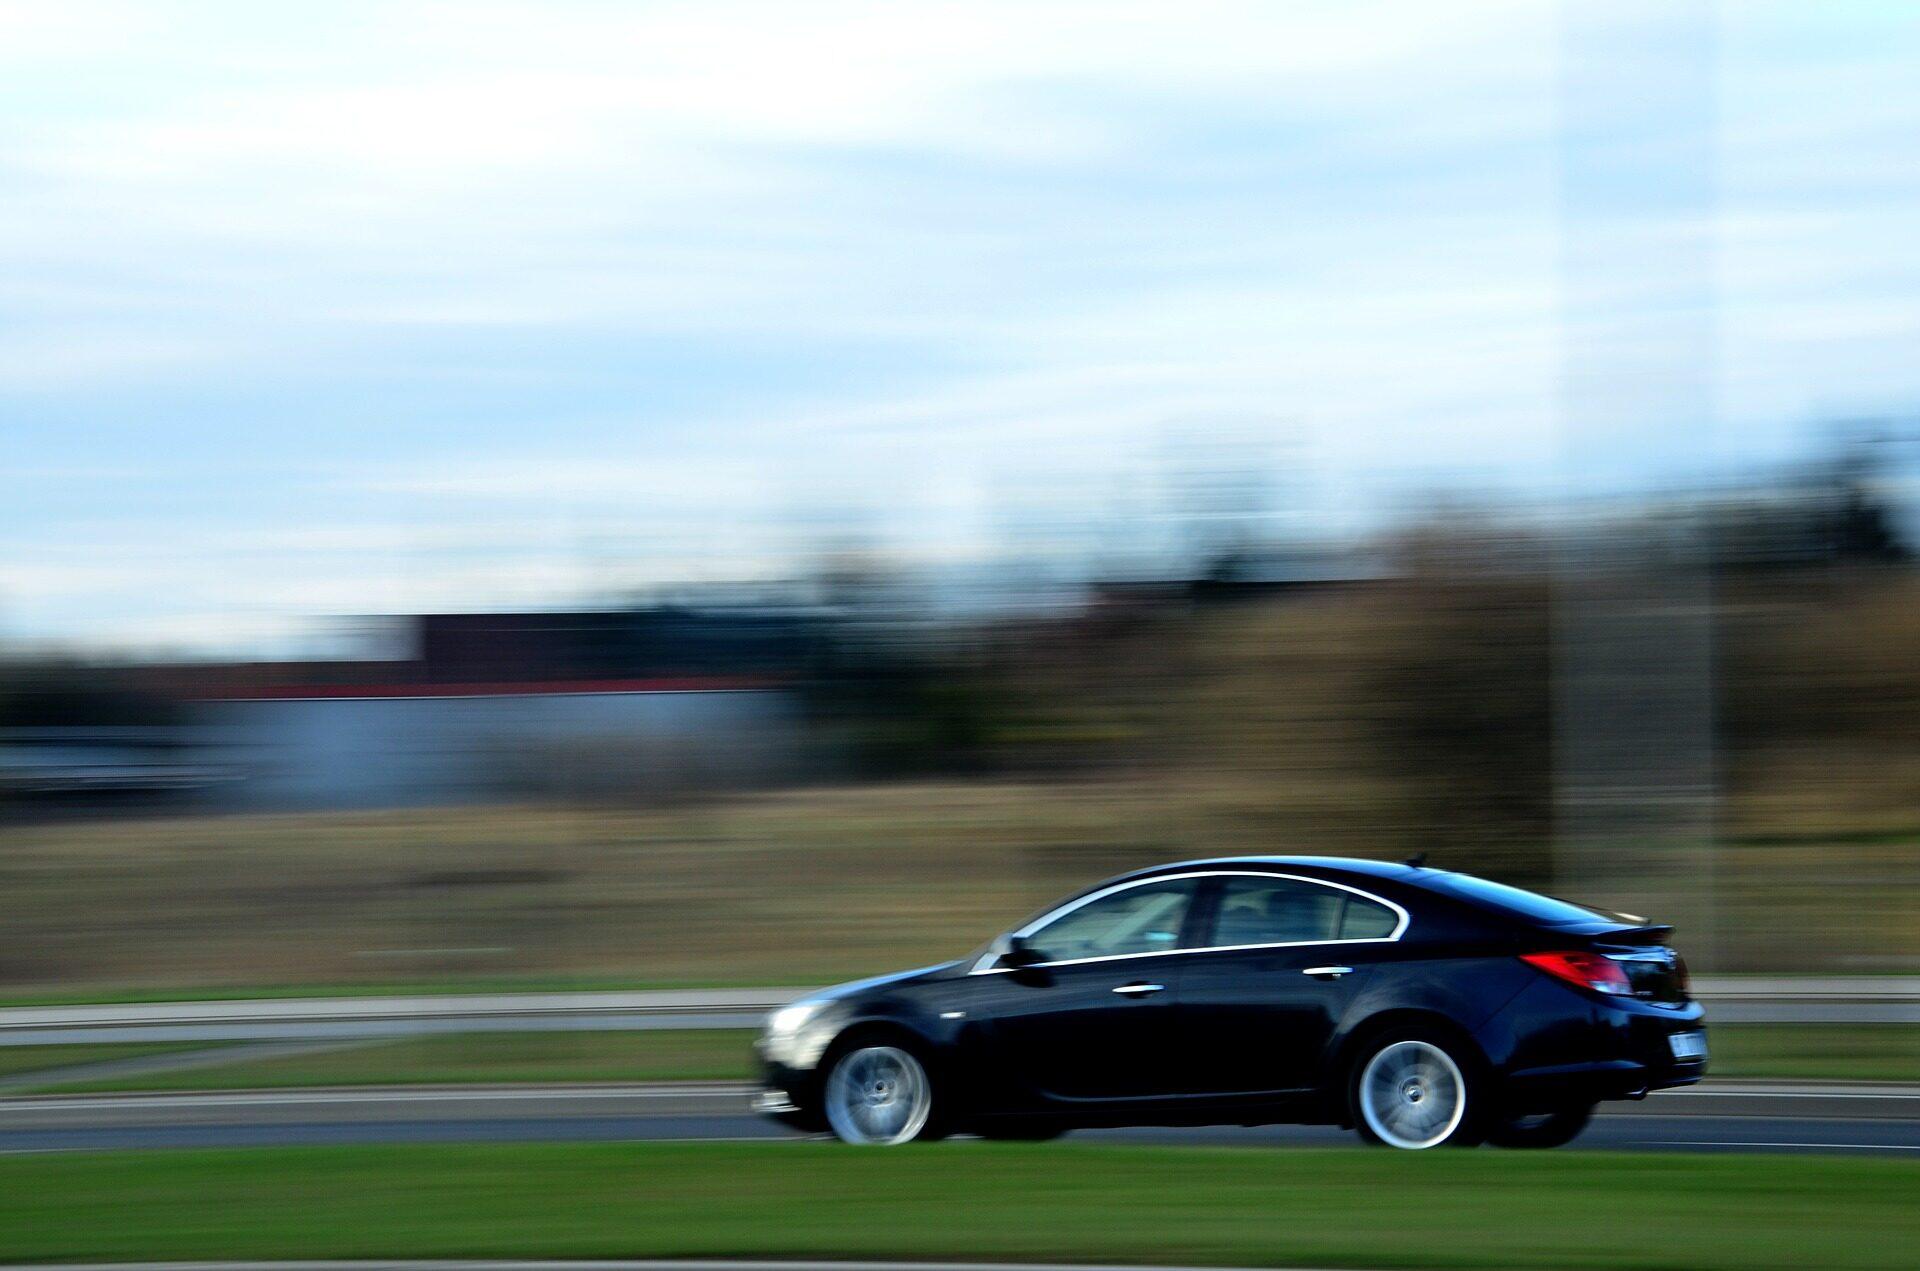 自动驾驶领域中的图像分割应用